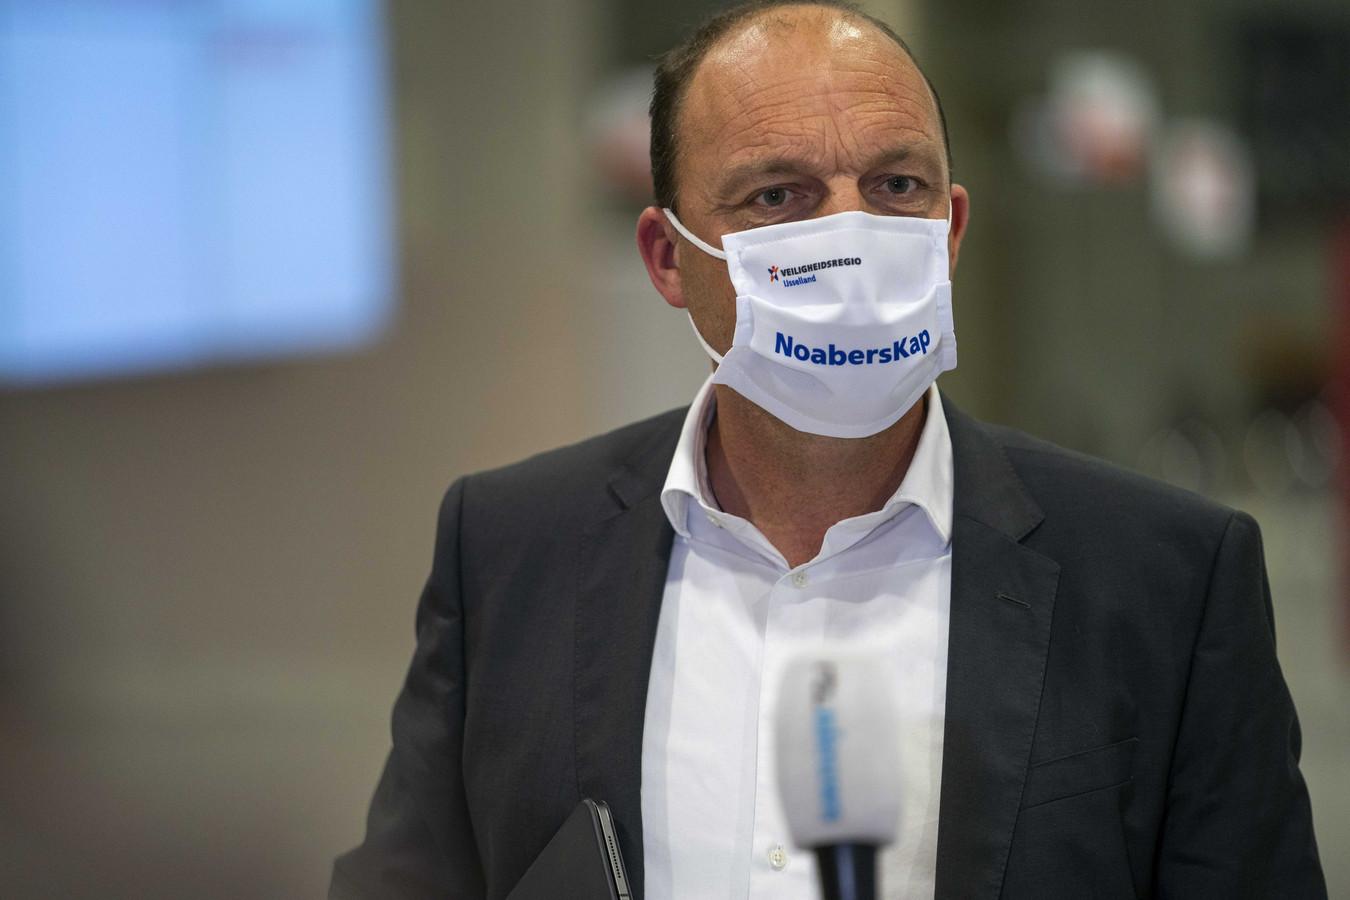 Burgemeester Peter Snijders van Zwolle, oud-burgervader van Hardenberg, draagt een mondkapje van de Veiligheidsregio IJsselland als hij arriveert voor het wekelijkse beraad met de burgemeesters van de 25 Nederlandse veiligheidsregio's.